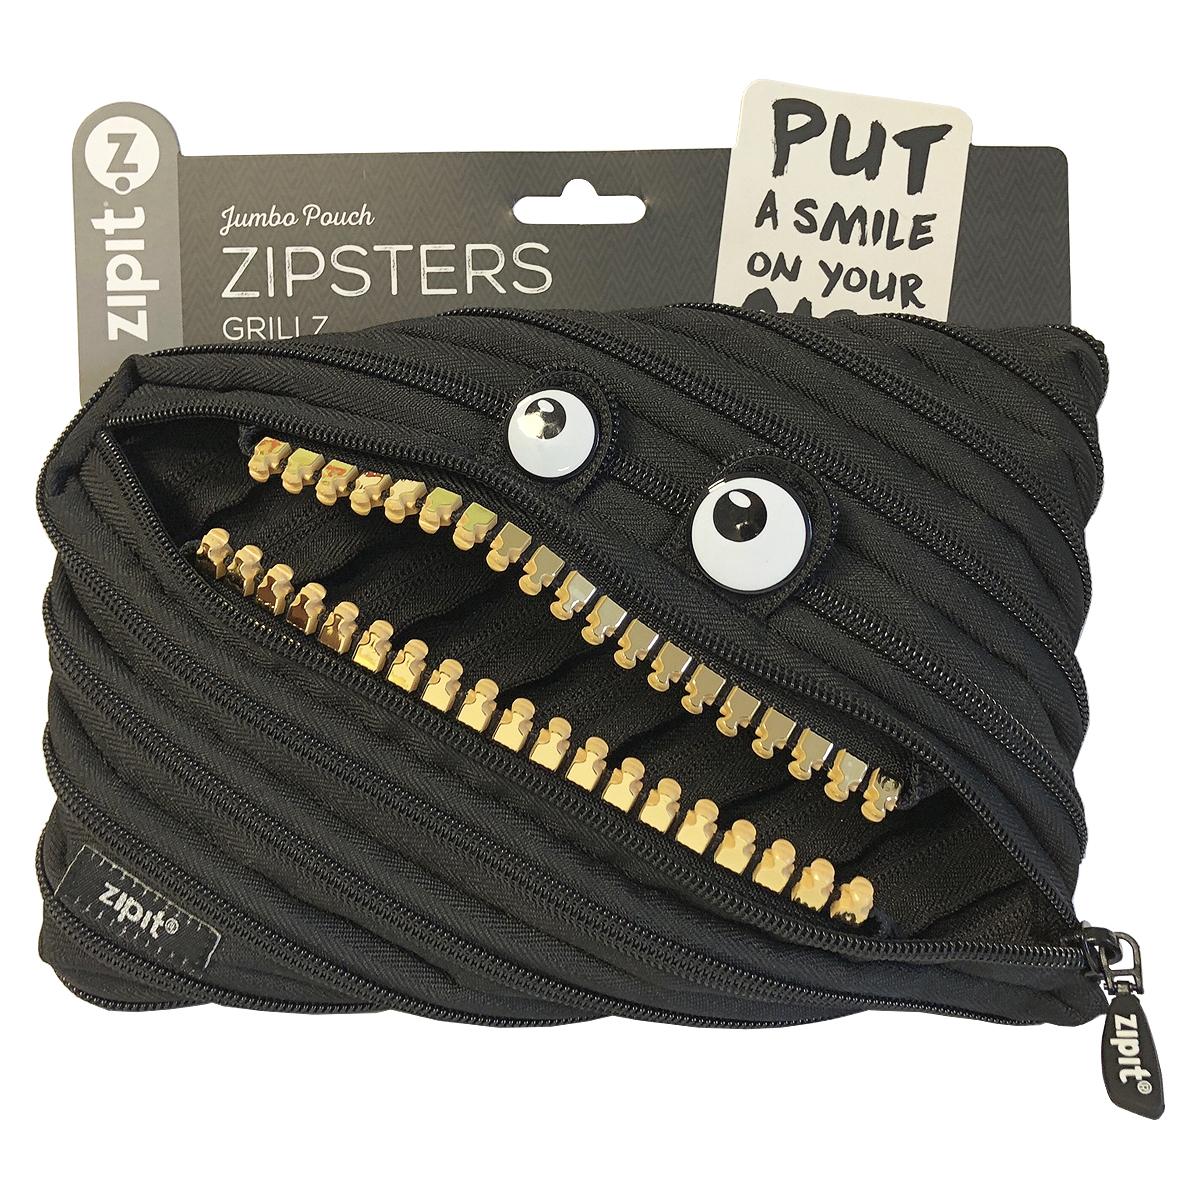 Penar cu Fermoar, Jumbo Pouch Zipsters Grillz, Zipit, ZP-ZTMJ-GR-16-3